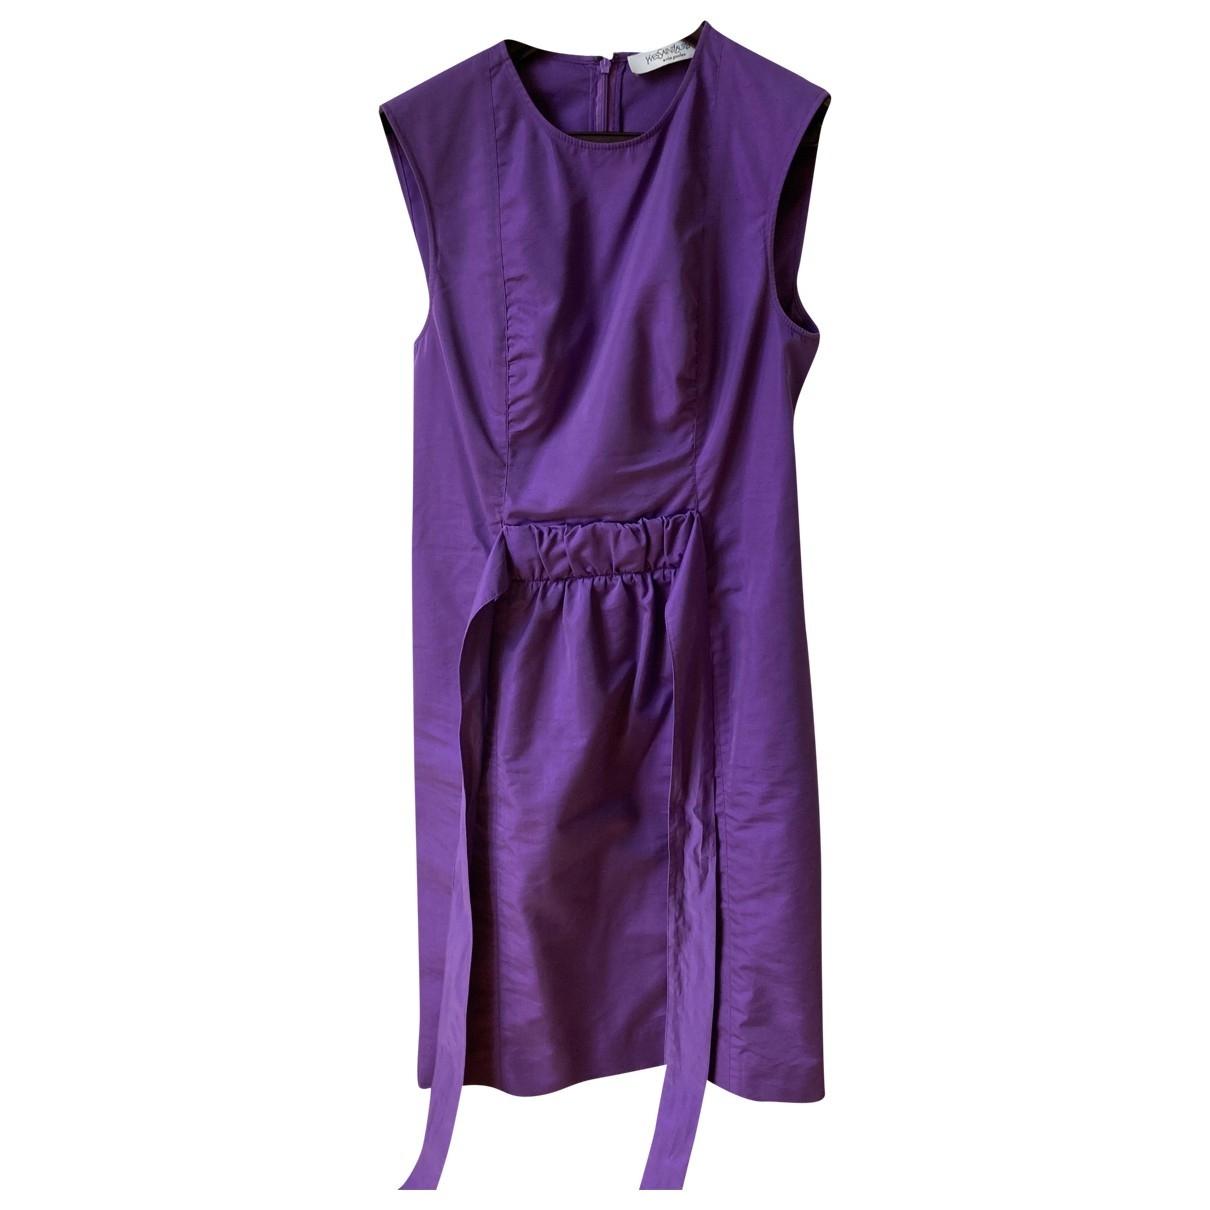 Yves Saint Laurent \N Kleid in  Lila Seide